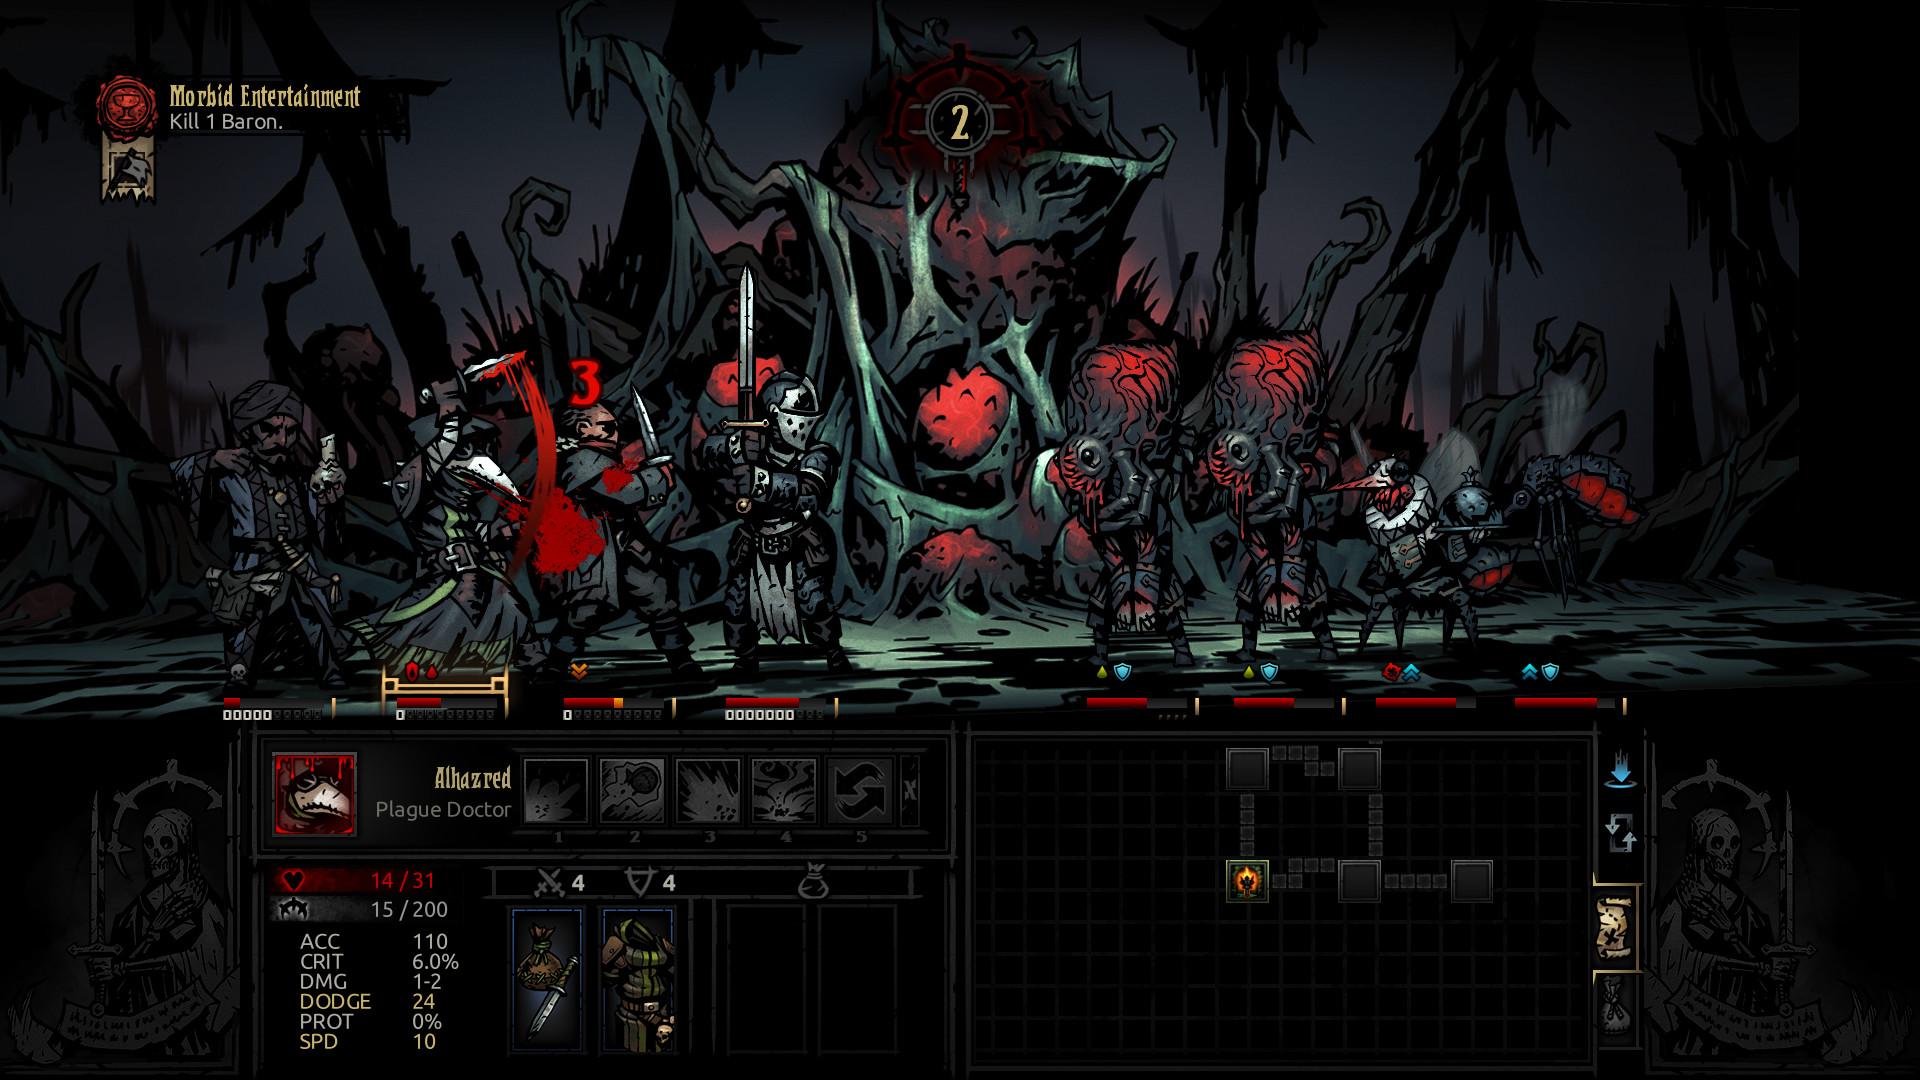 darkest-dungeon-the-crimson-court-defeat-the-baron.jpg